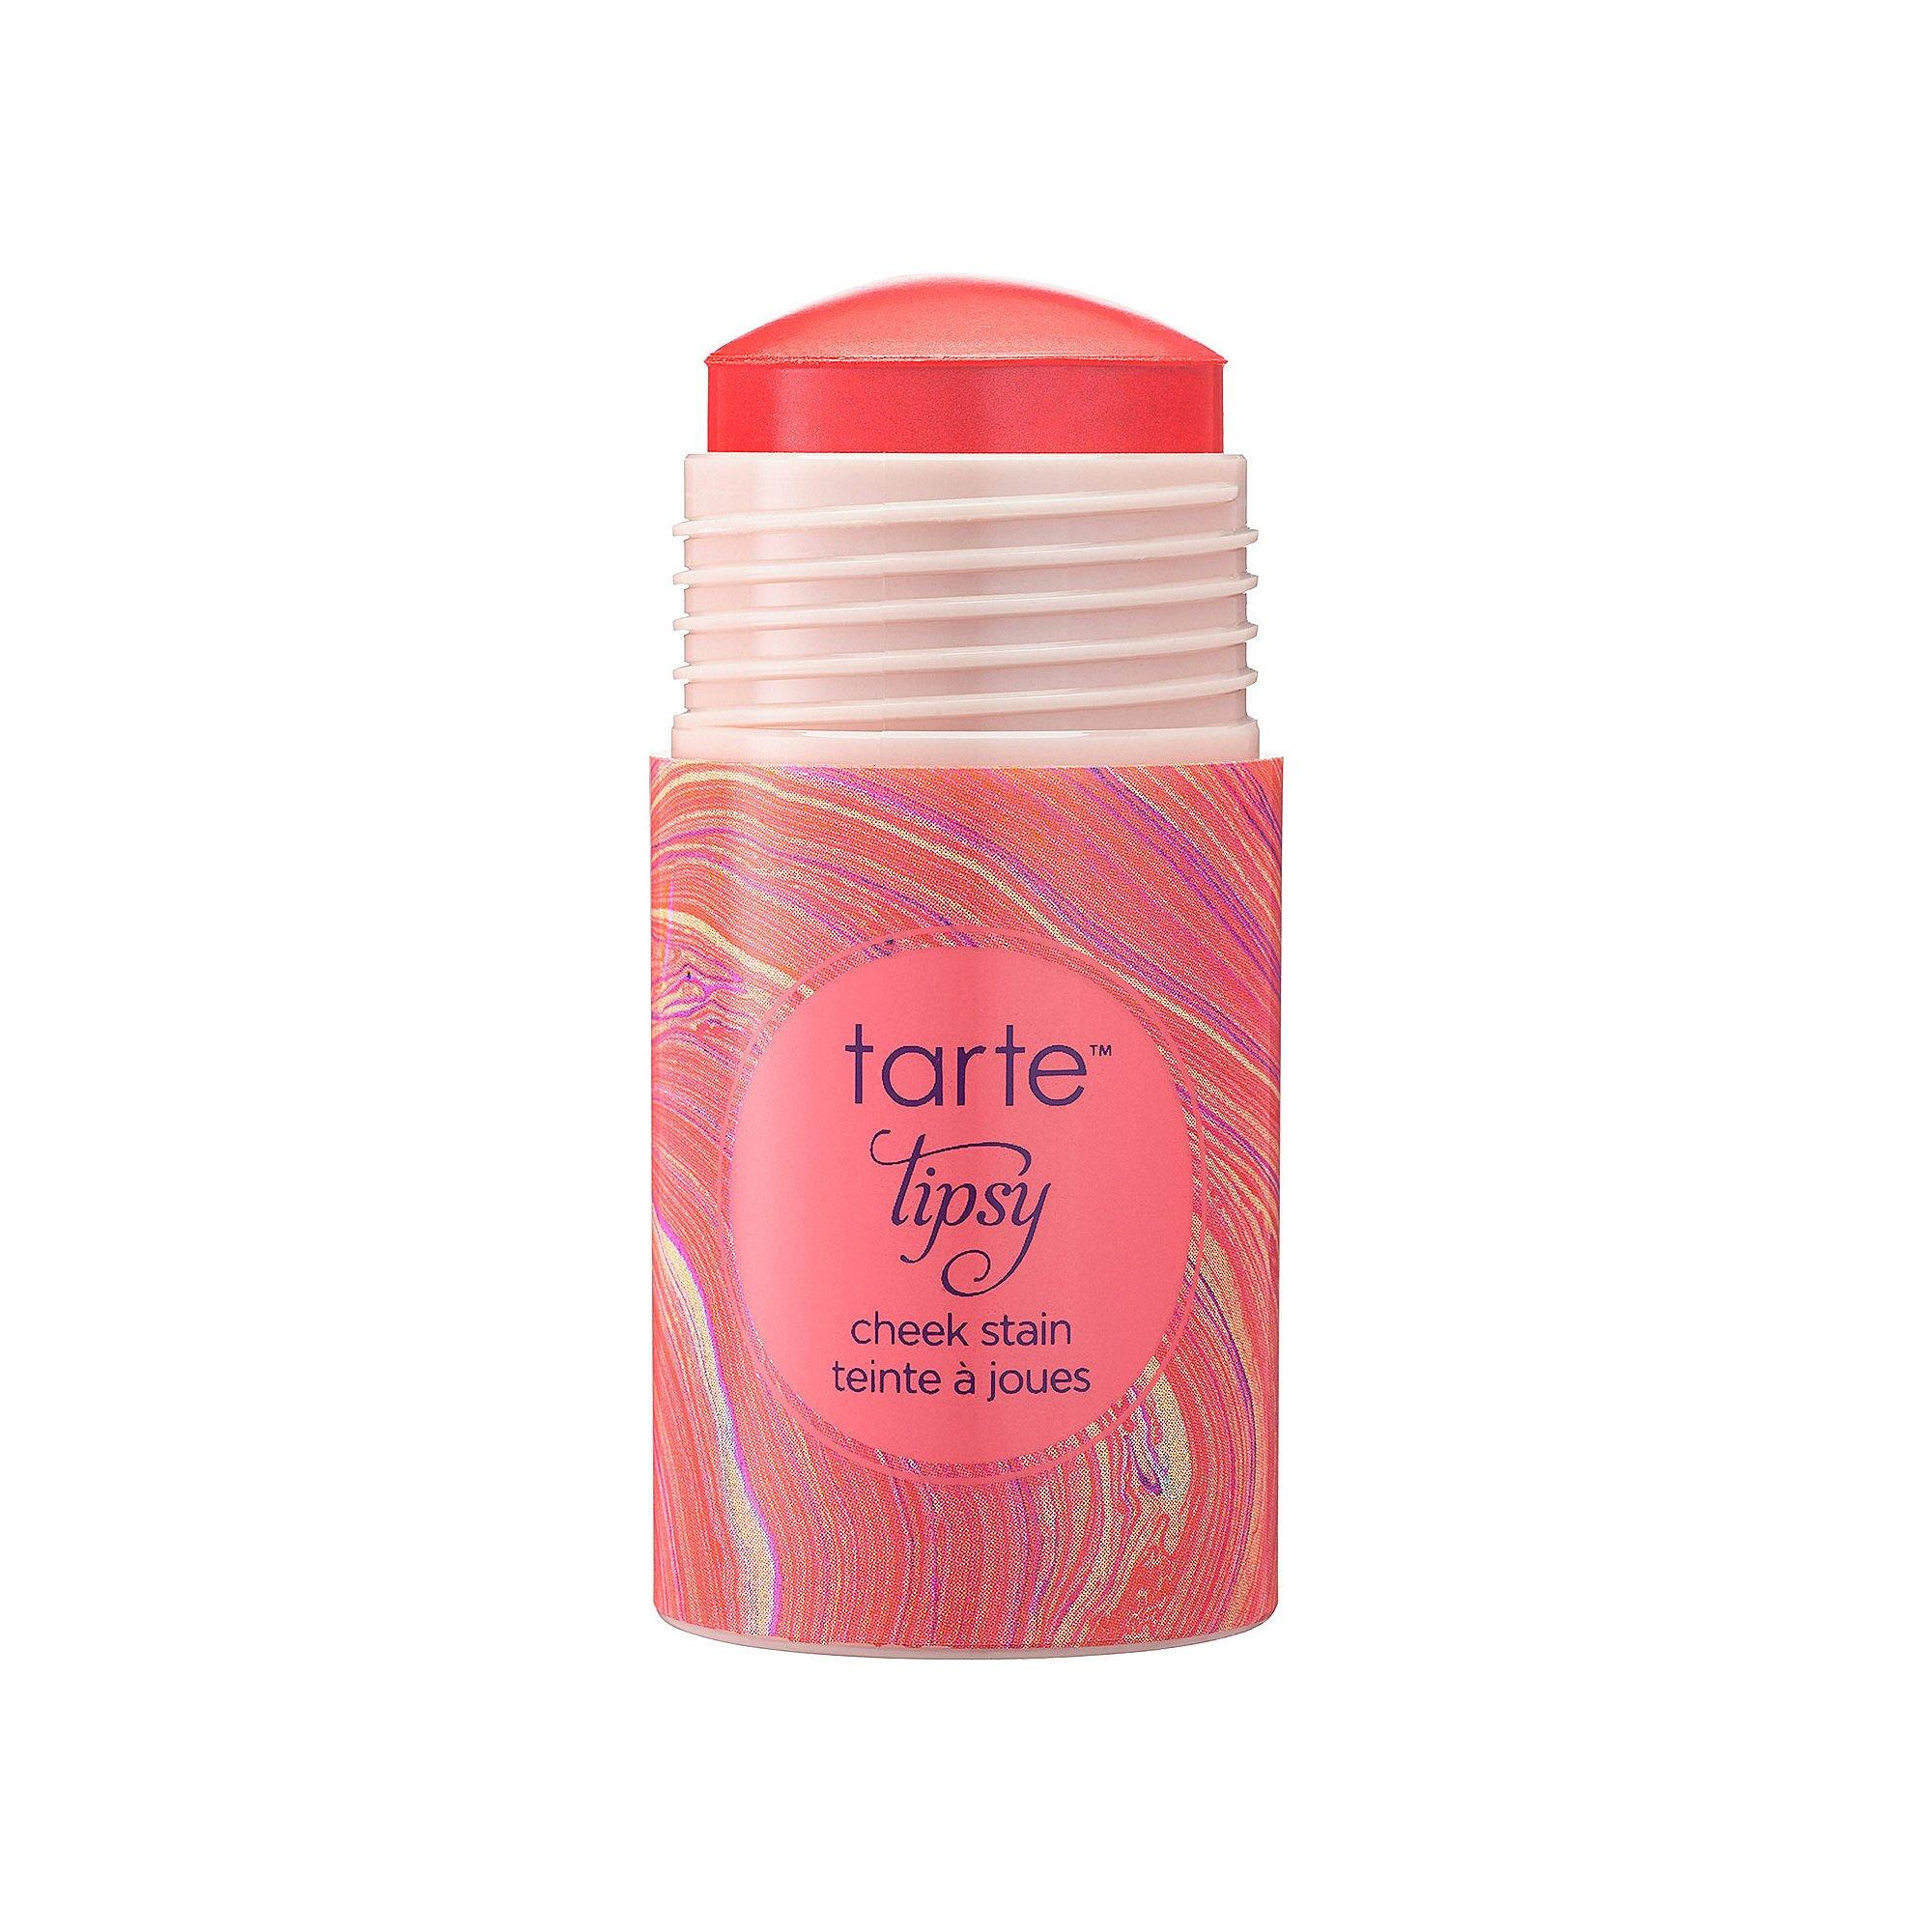 Tarte Cheek Stain in Tipsy (Sheer Coral) 0.5 oz